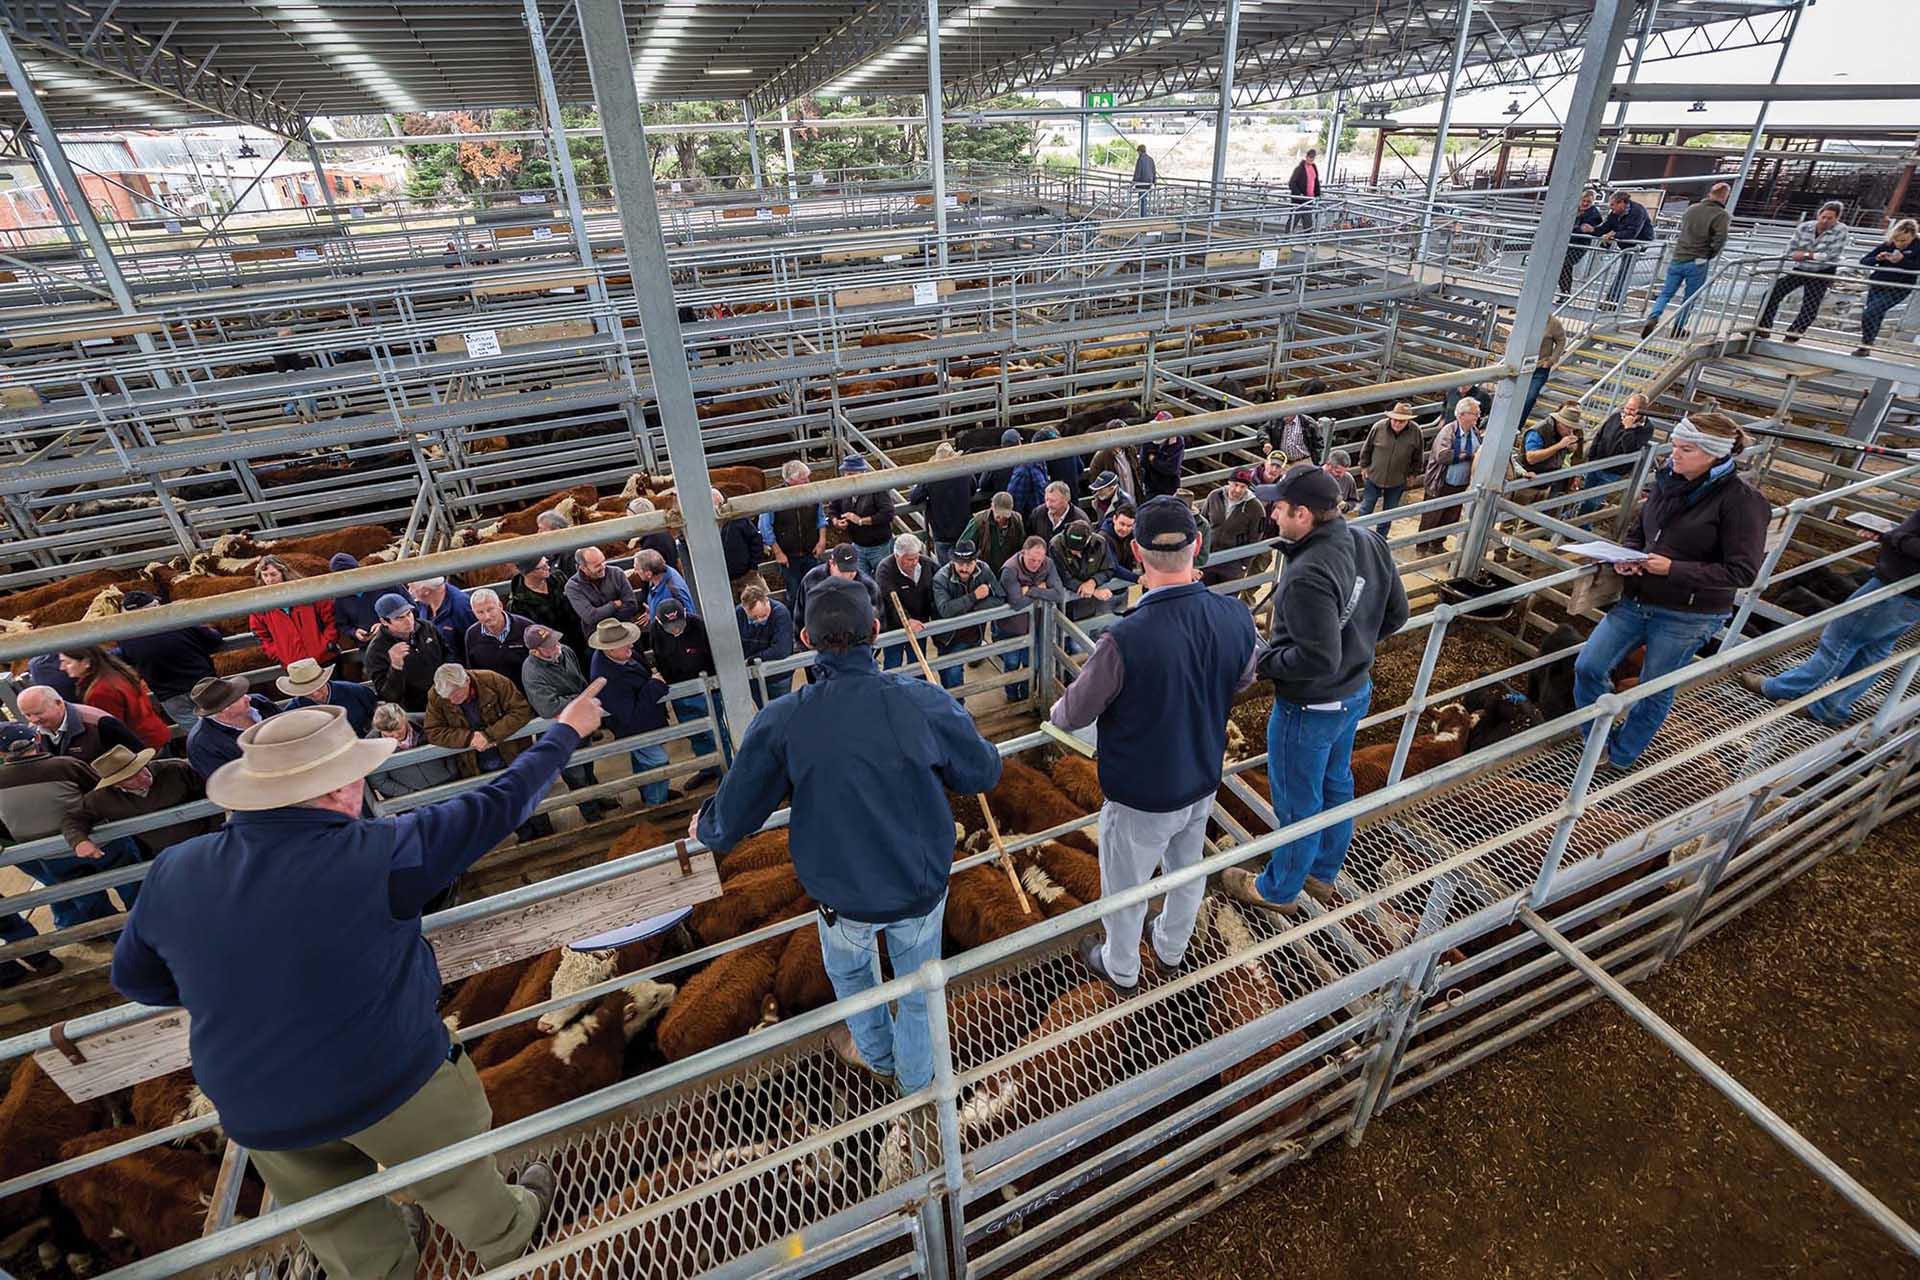 Market at Gippsland Regional Livestock Exchange.